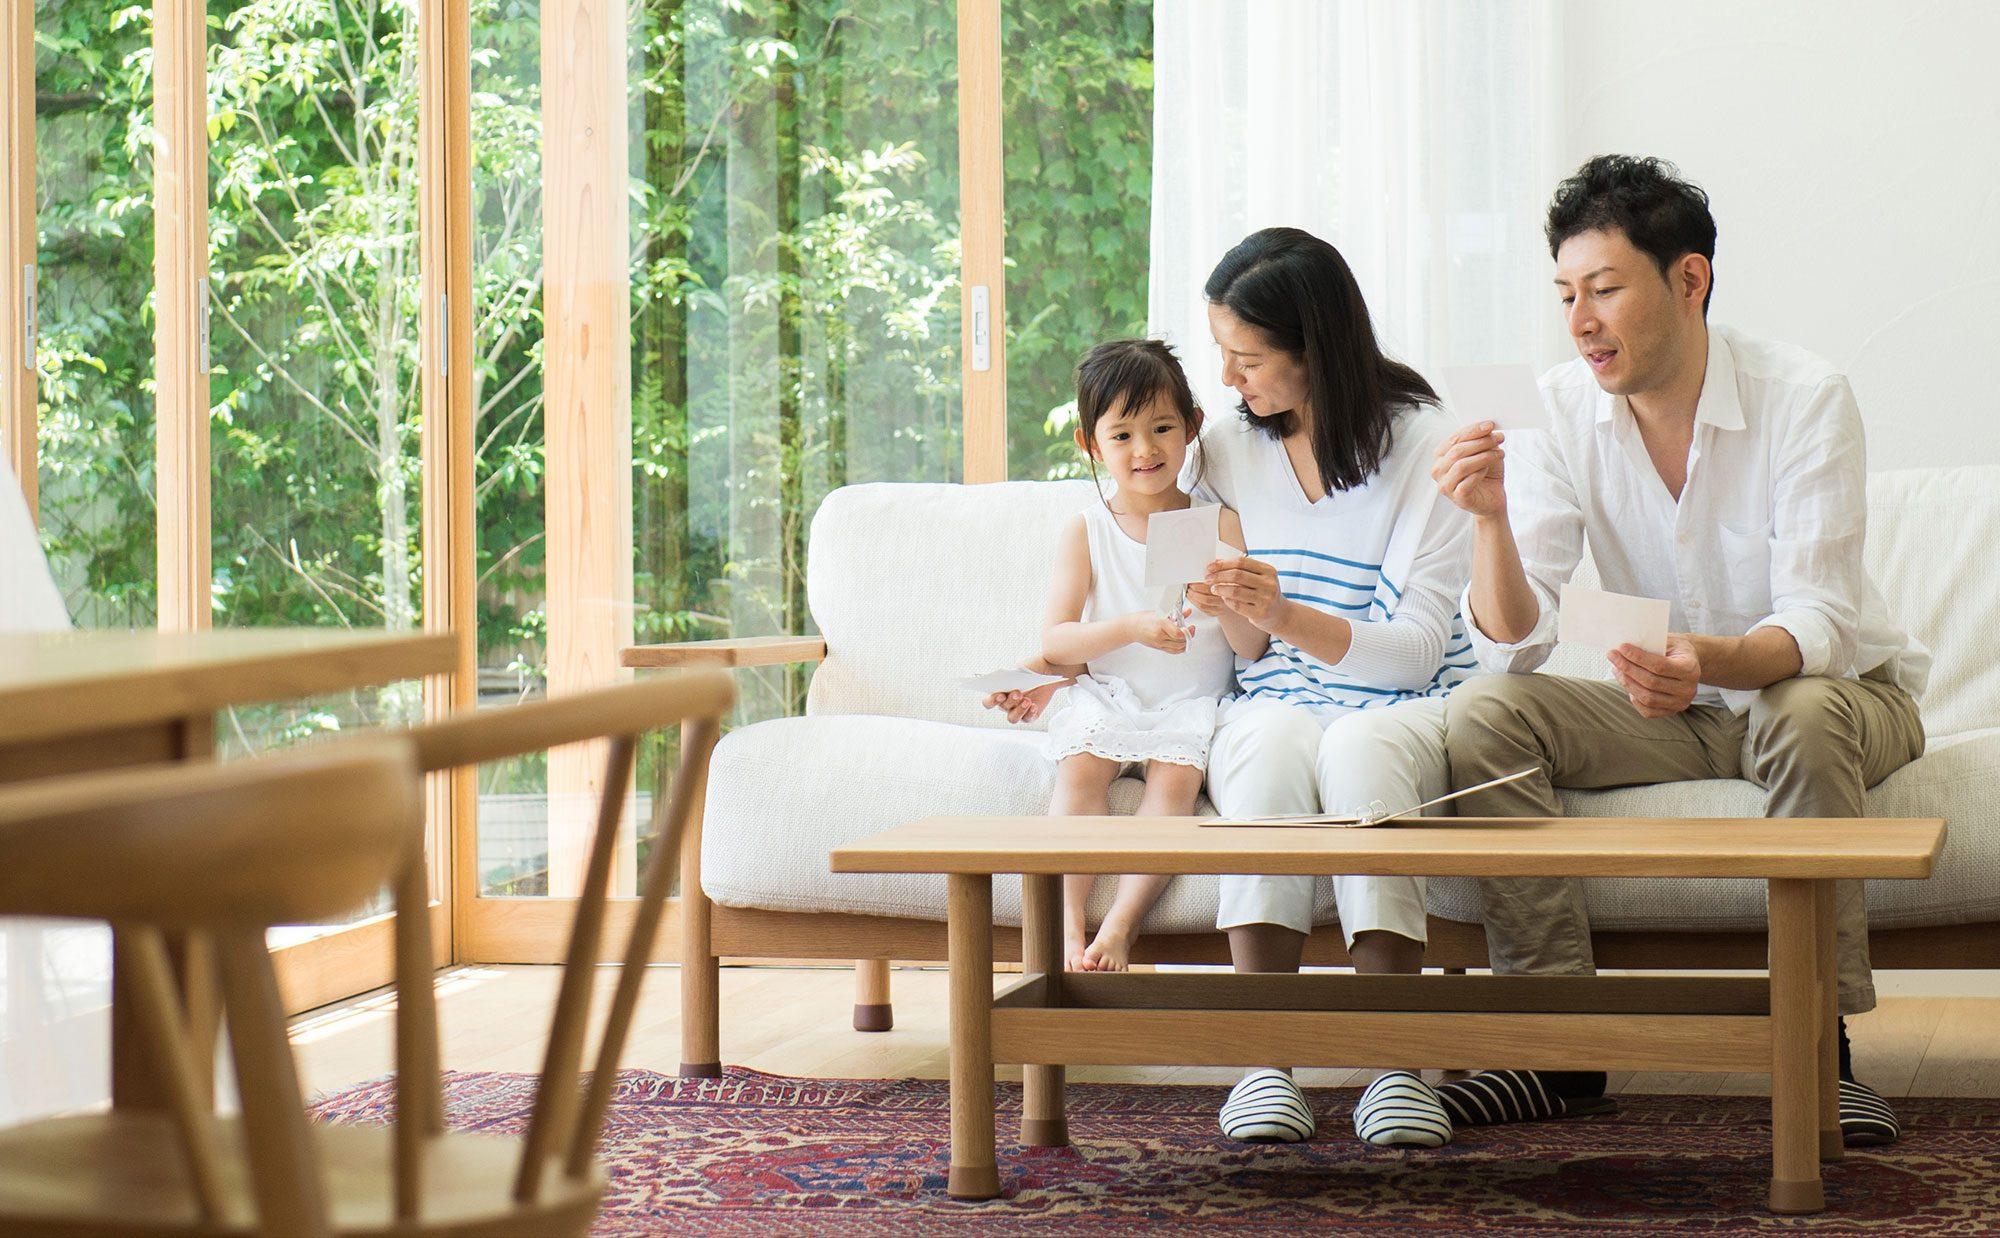 子どもと過ごすリビング。大人にも快適な空間の作り方【暮らし方から物件探し | HOME'S】